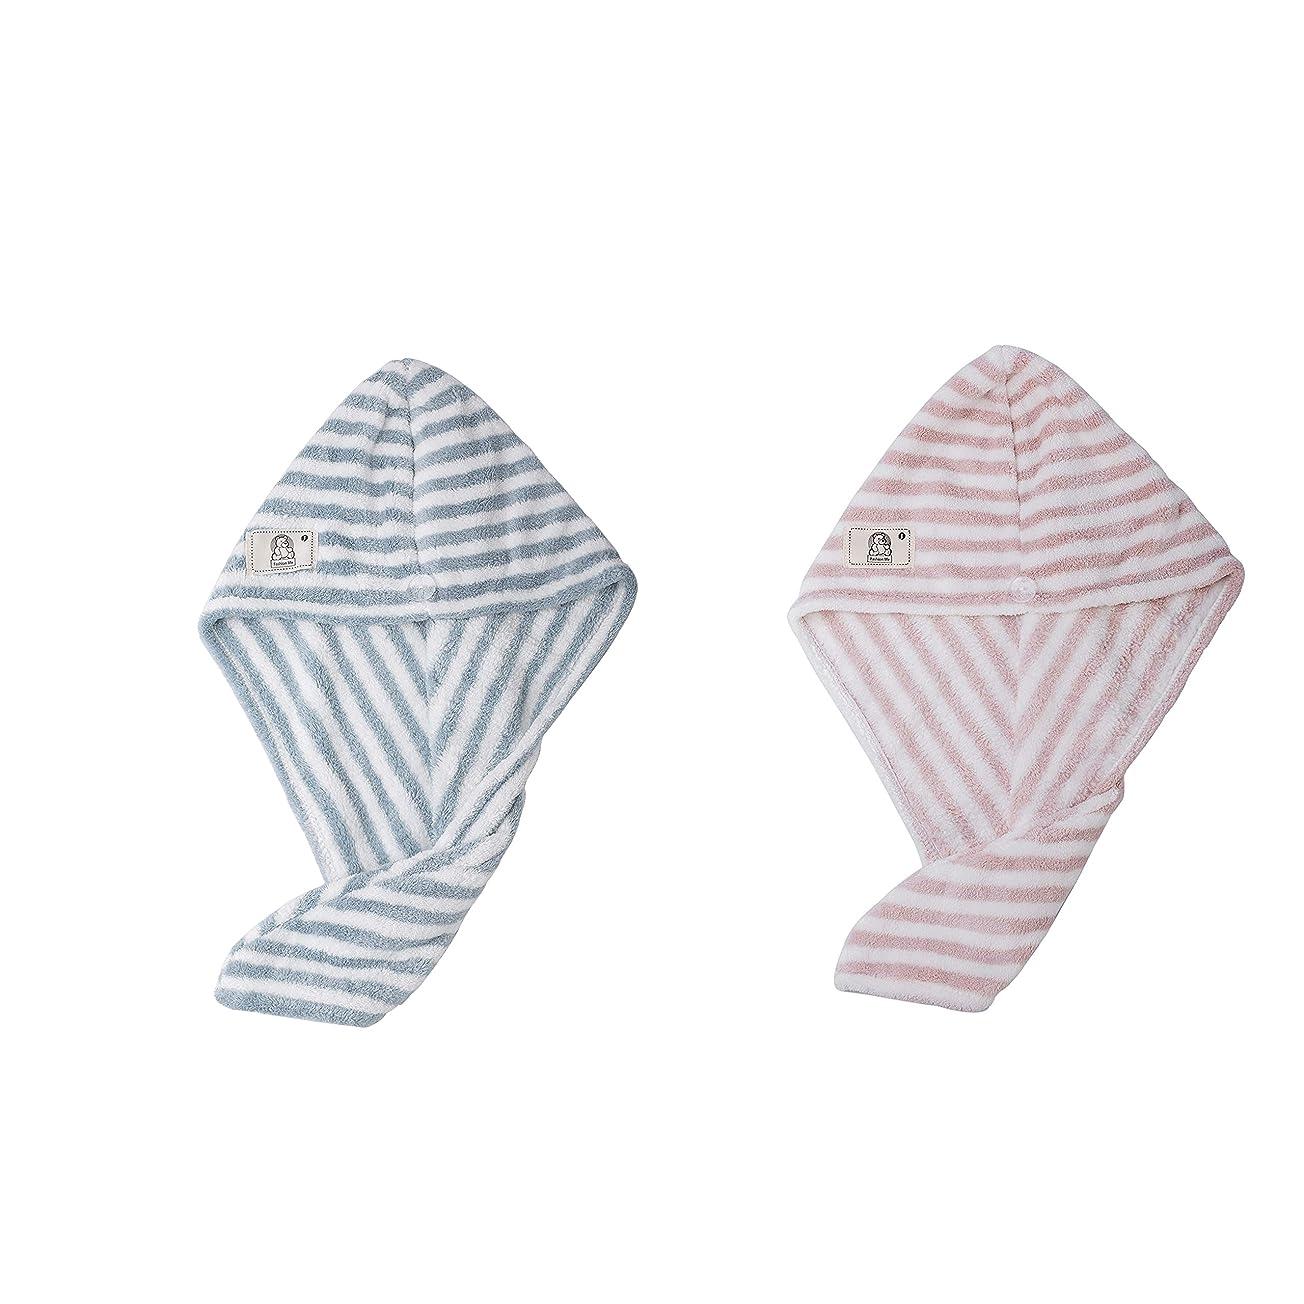 憲法コロニープレゼンテーションヘアドライタオル 2色2枚セット 強い吸水性 速乾 抗菌防臭 シャワーキャップ タオルキャップ マイクロファイバー ふわふわ 人気 ストライプ 格安 アウトレット まとめ買い(Blue&Pink)